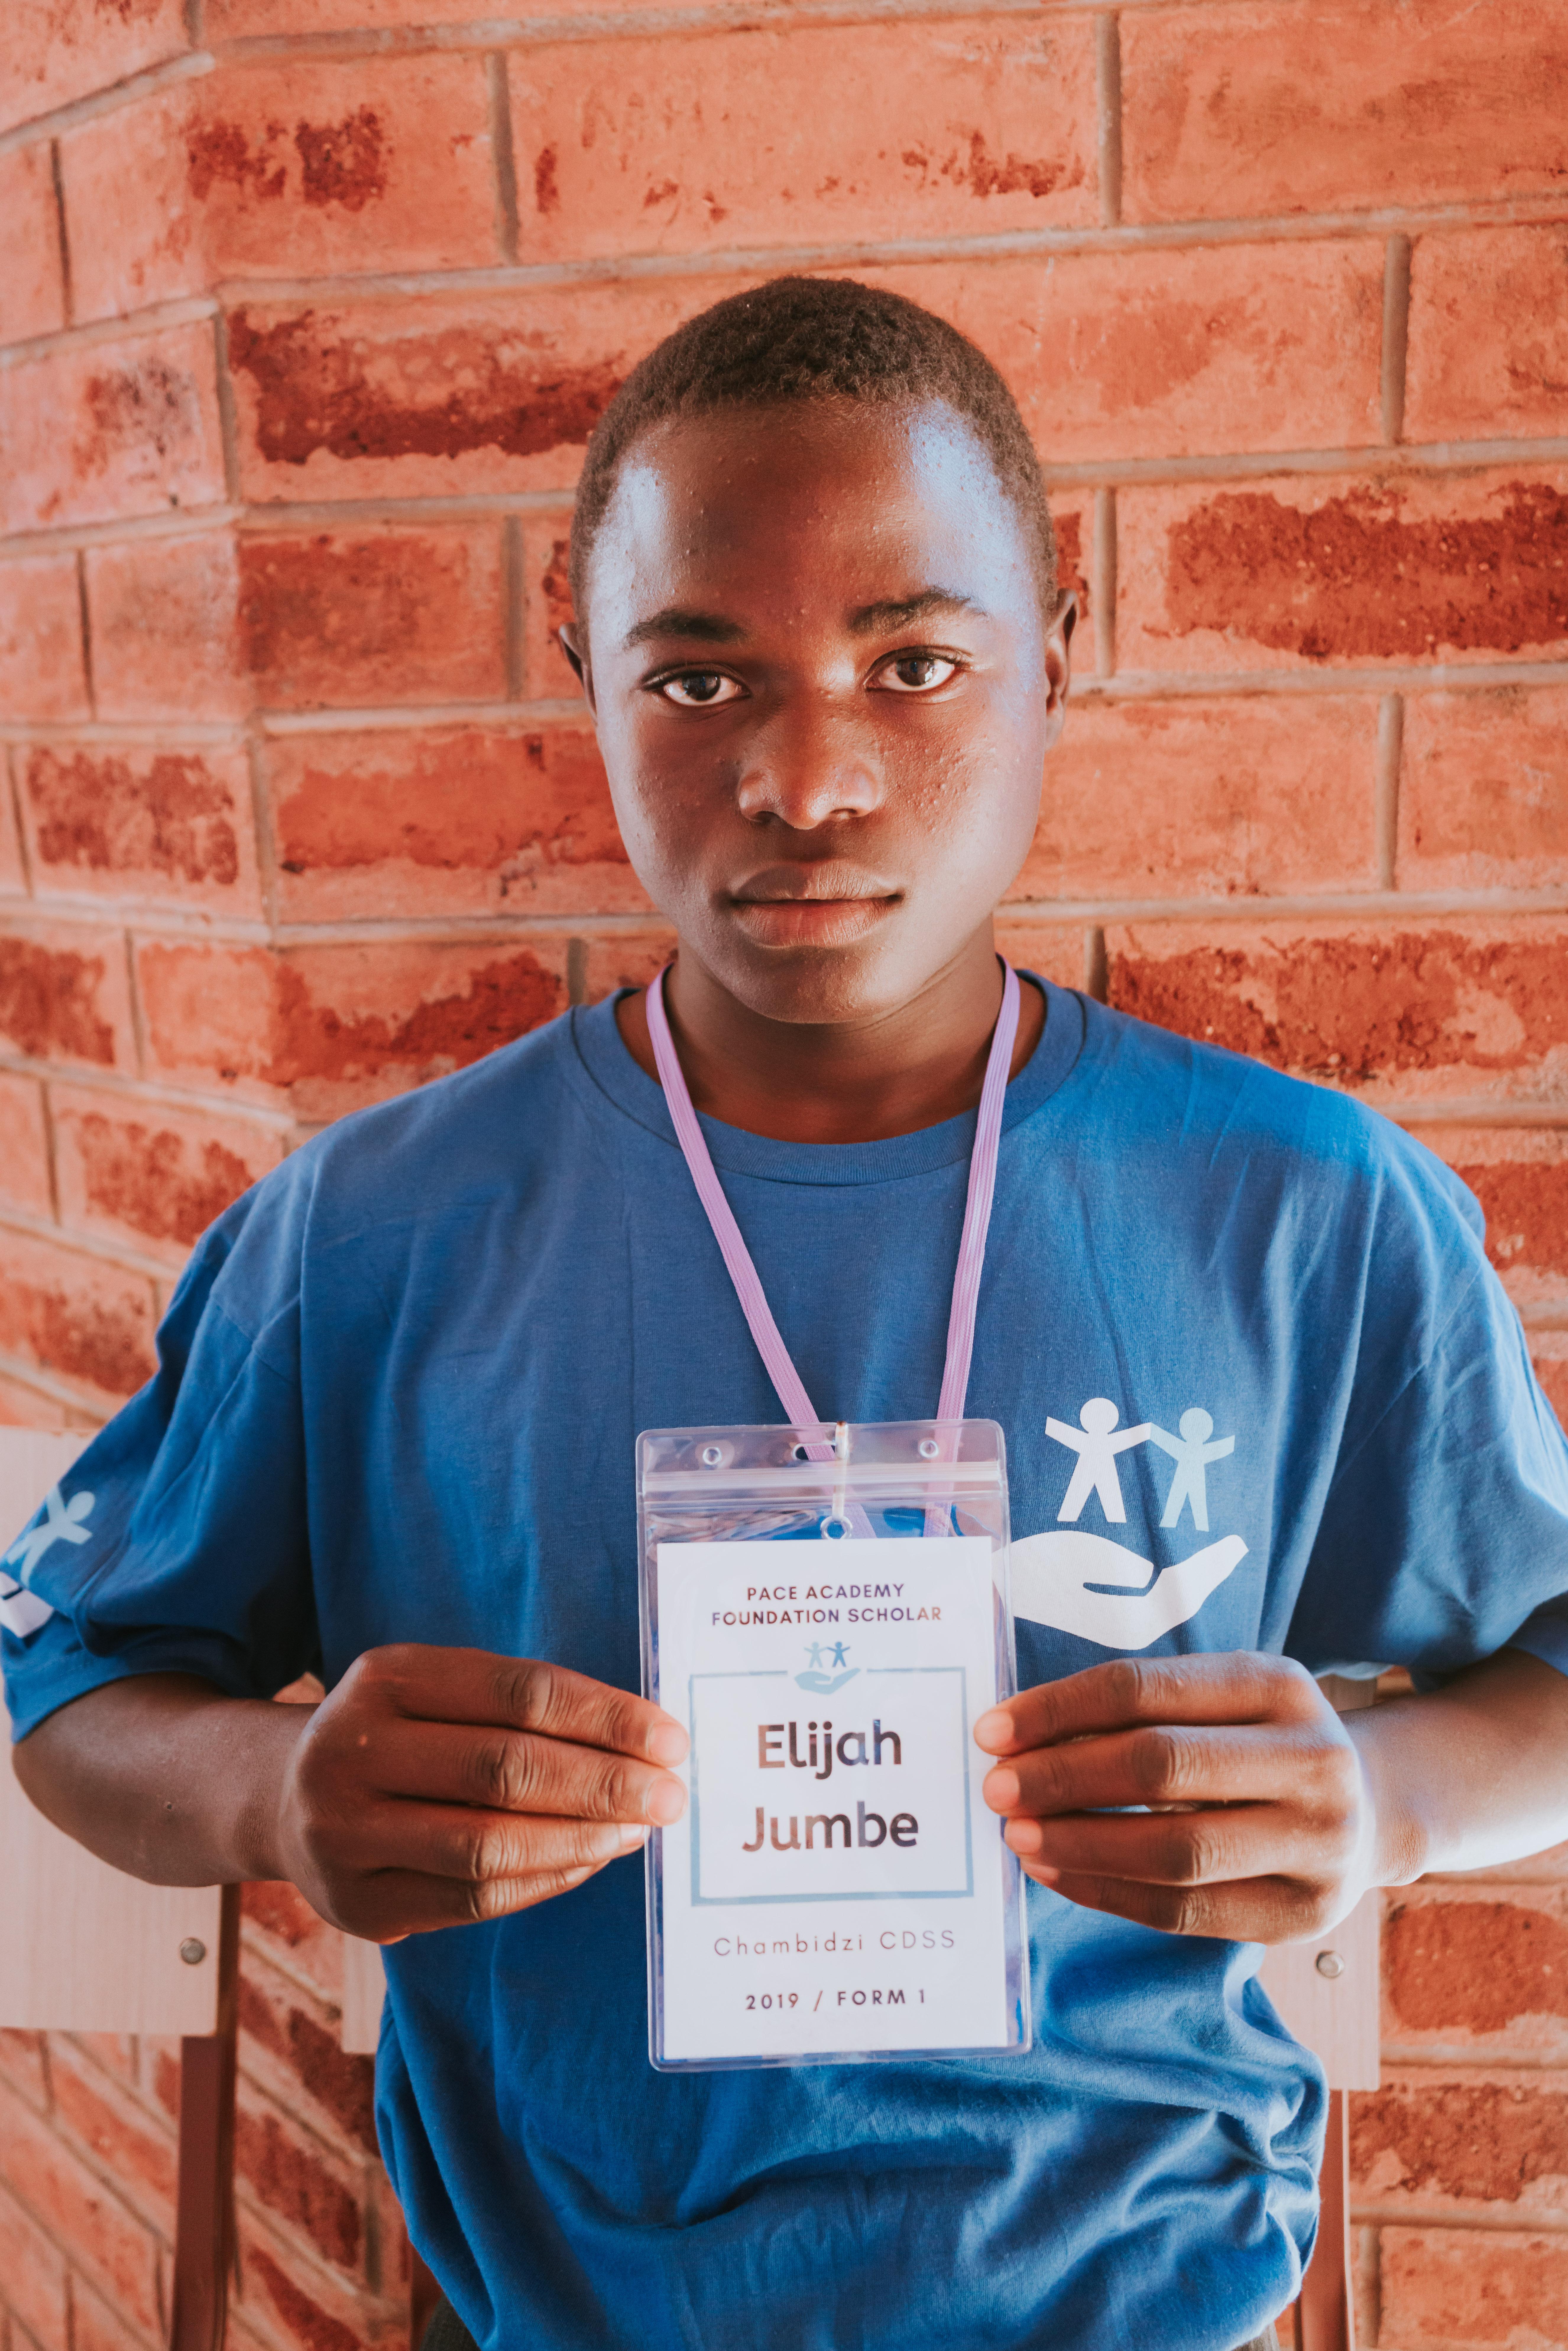 Elijah Jumbe (Chambidzi CDSS)